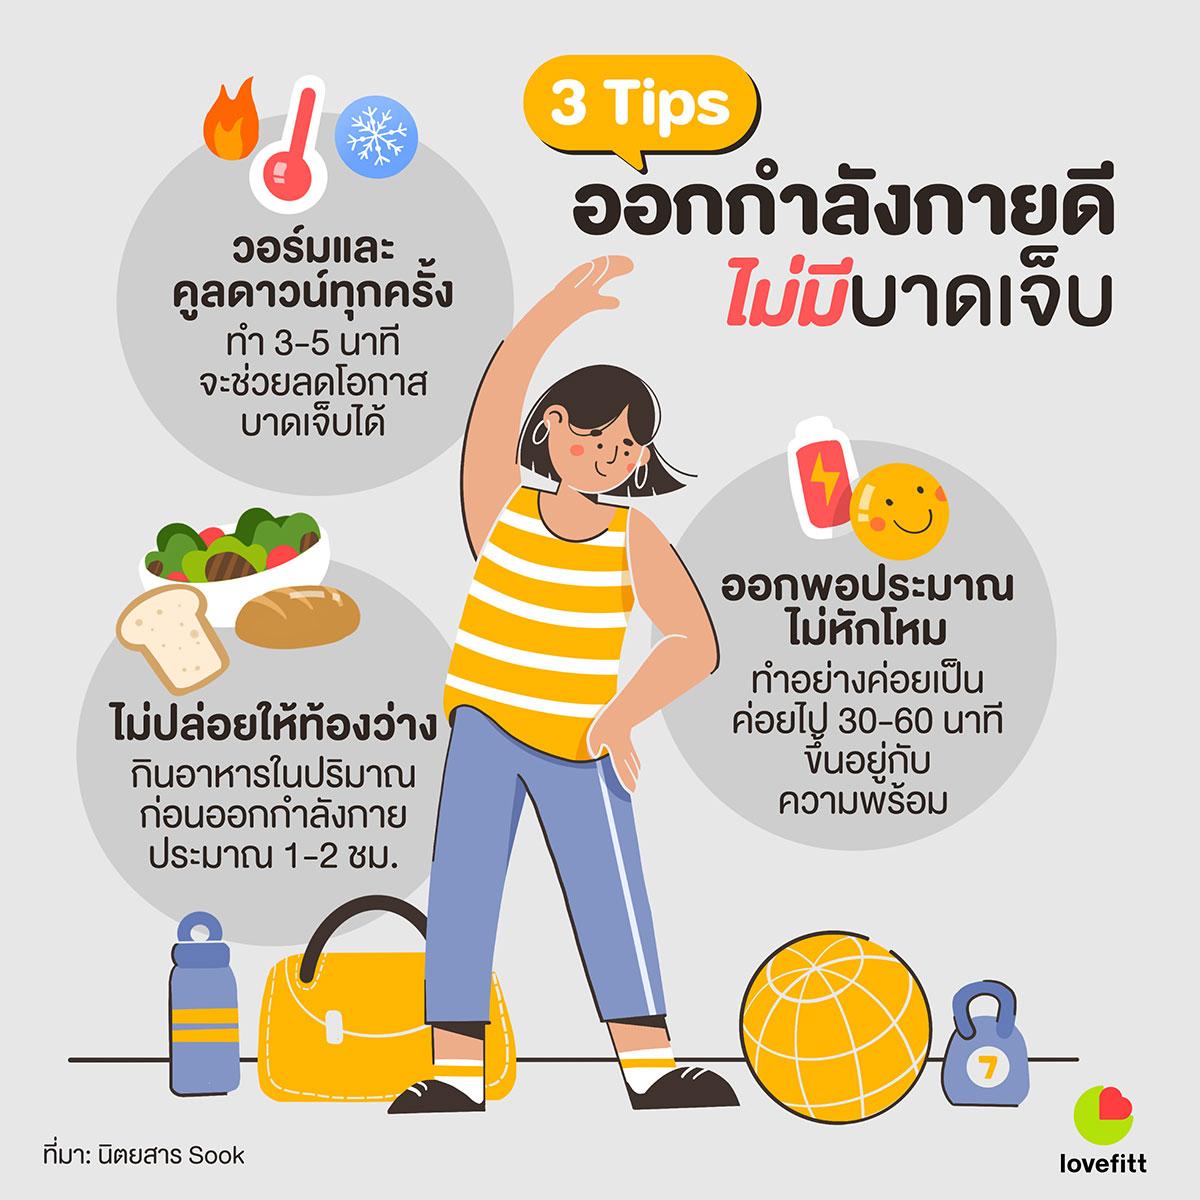 3 Tips ออกกำลังกายดี ไม่มีบาดเจ็บ